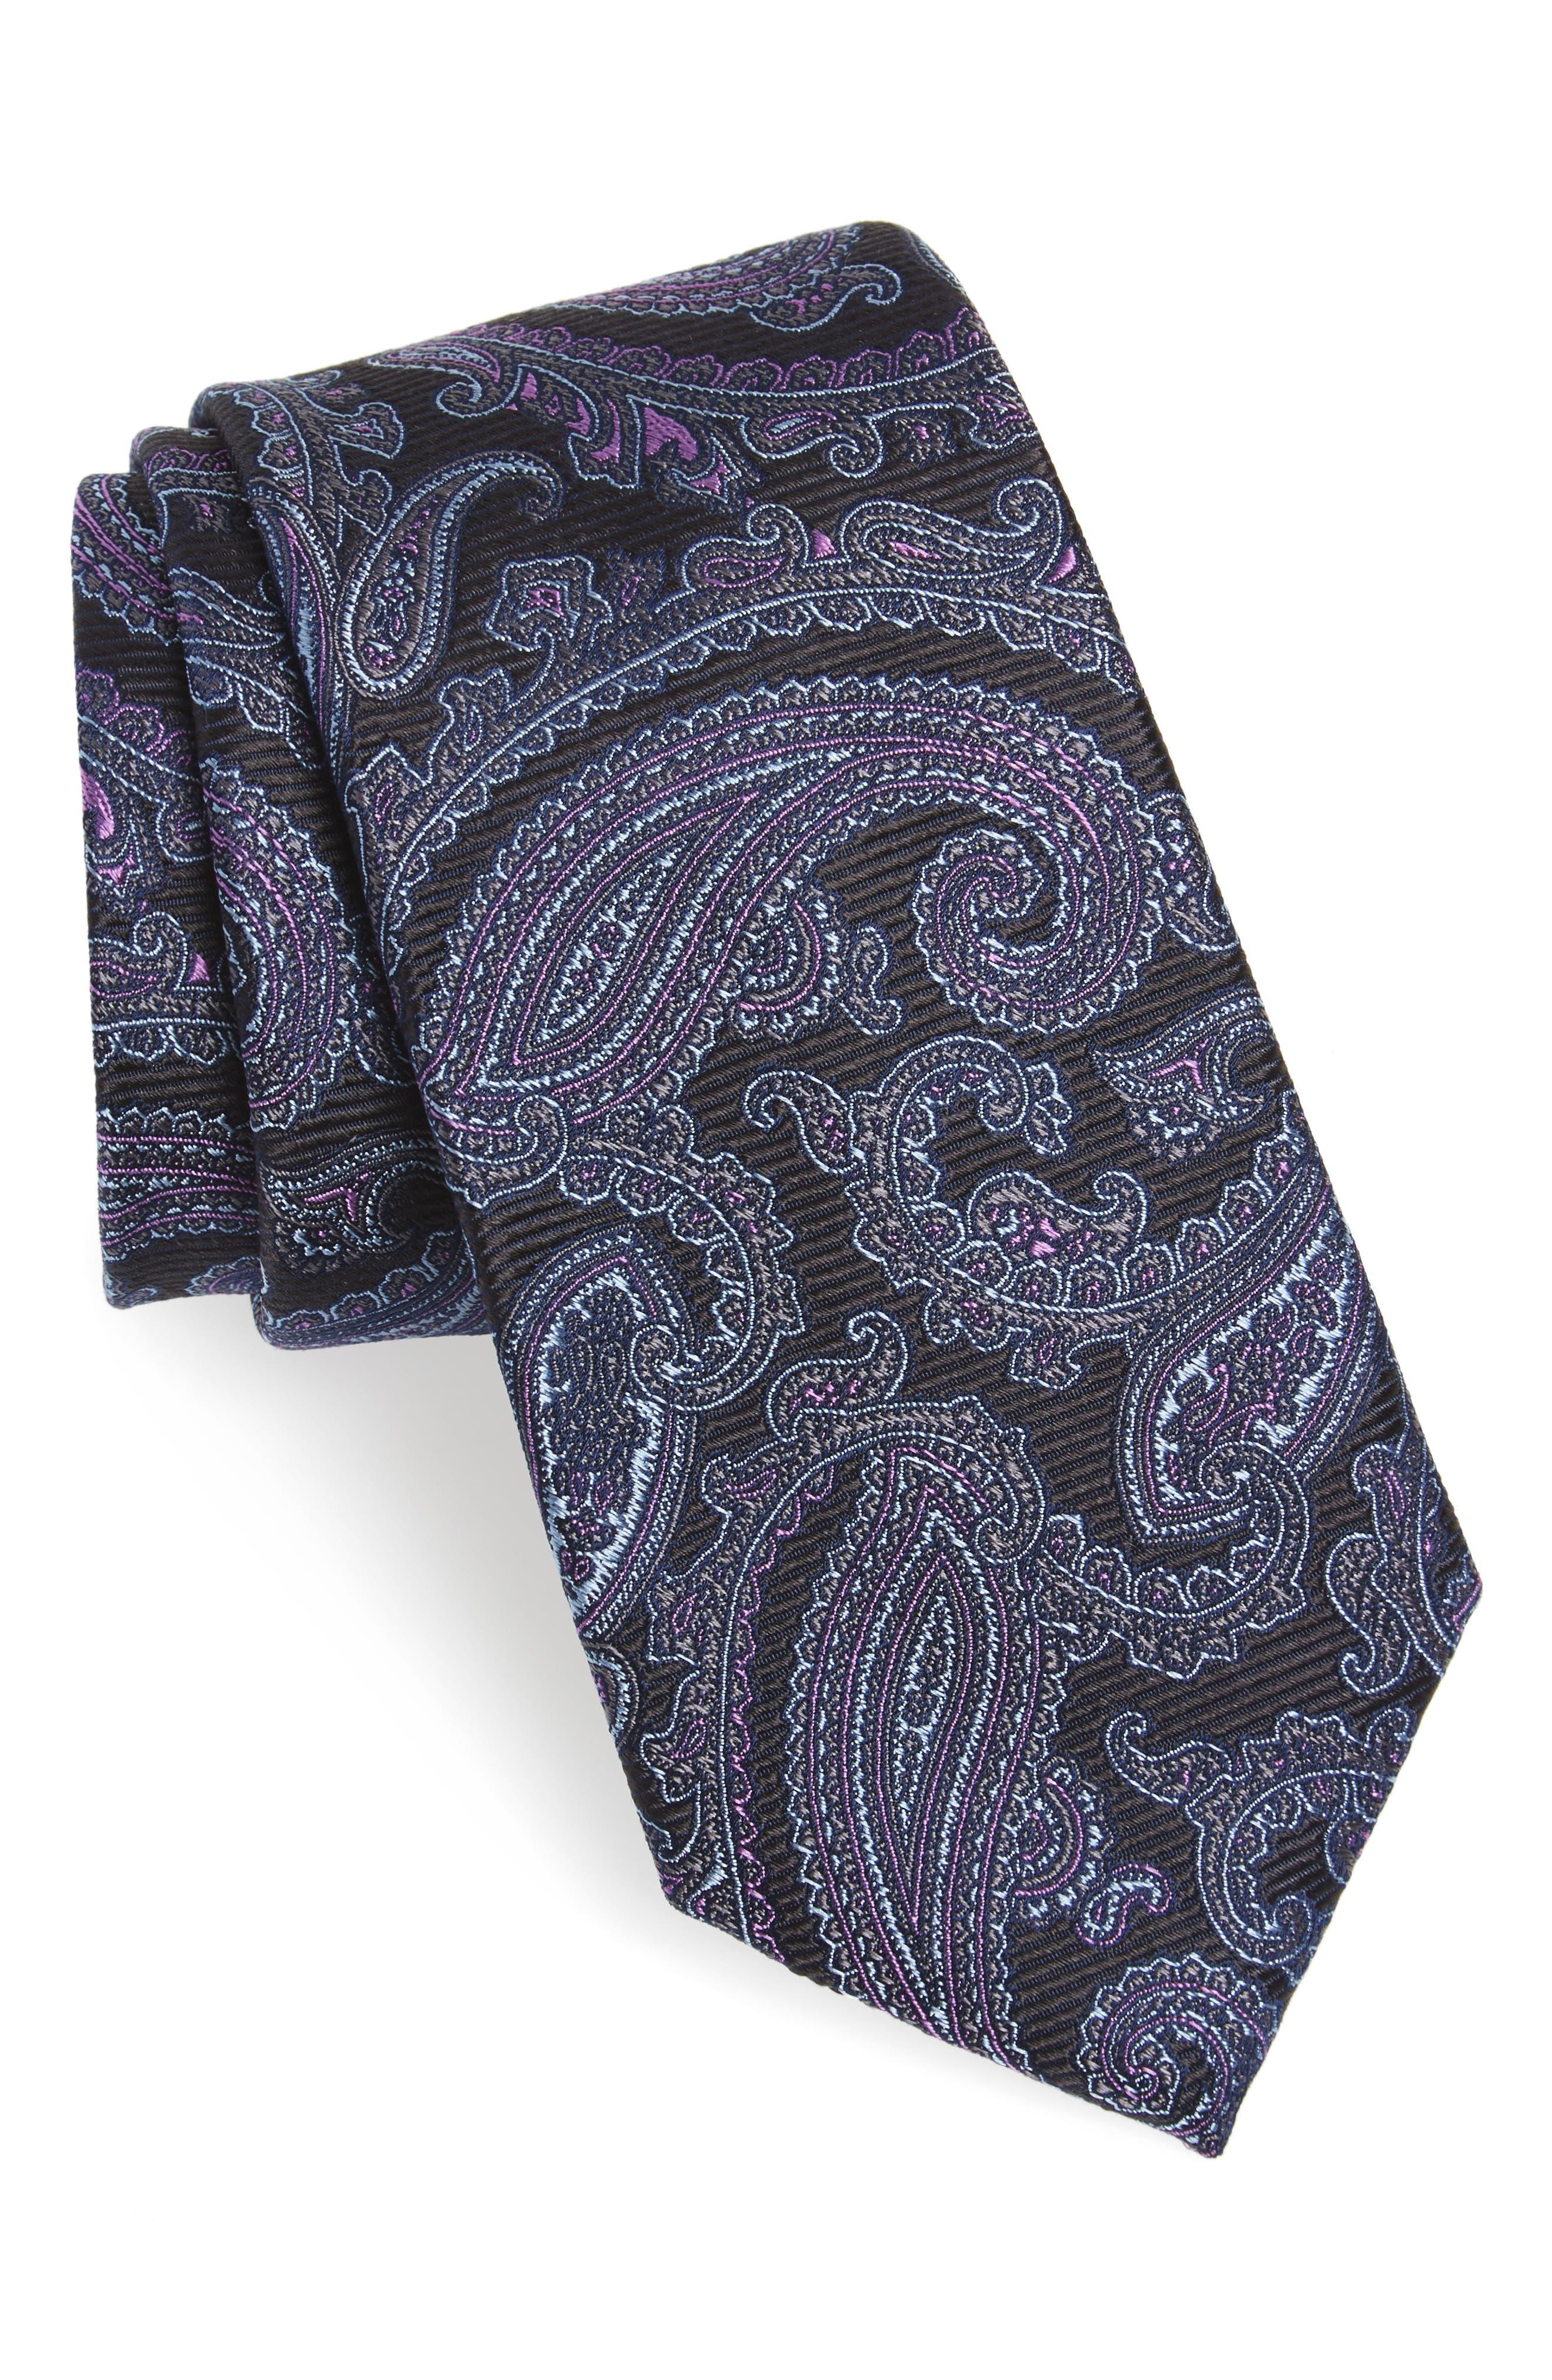 Brielle Paisley Silk Tie,                             Main thumbnail 1, color,                             001